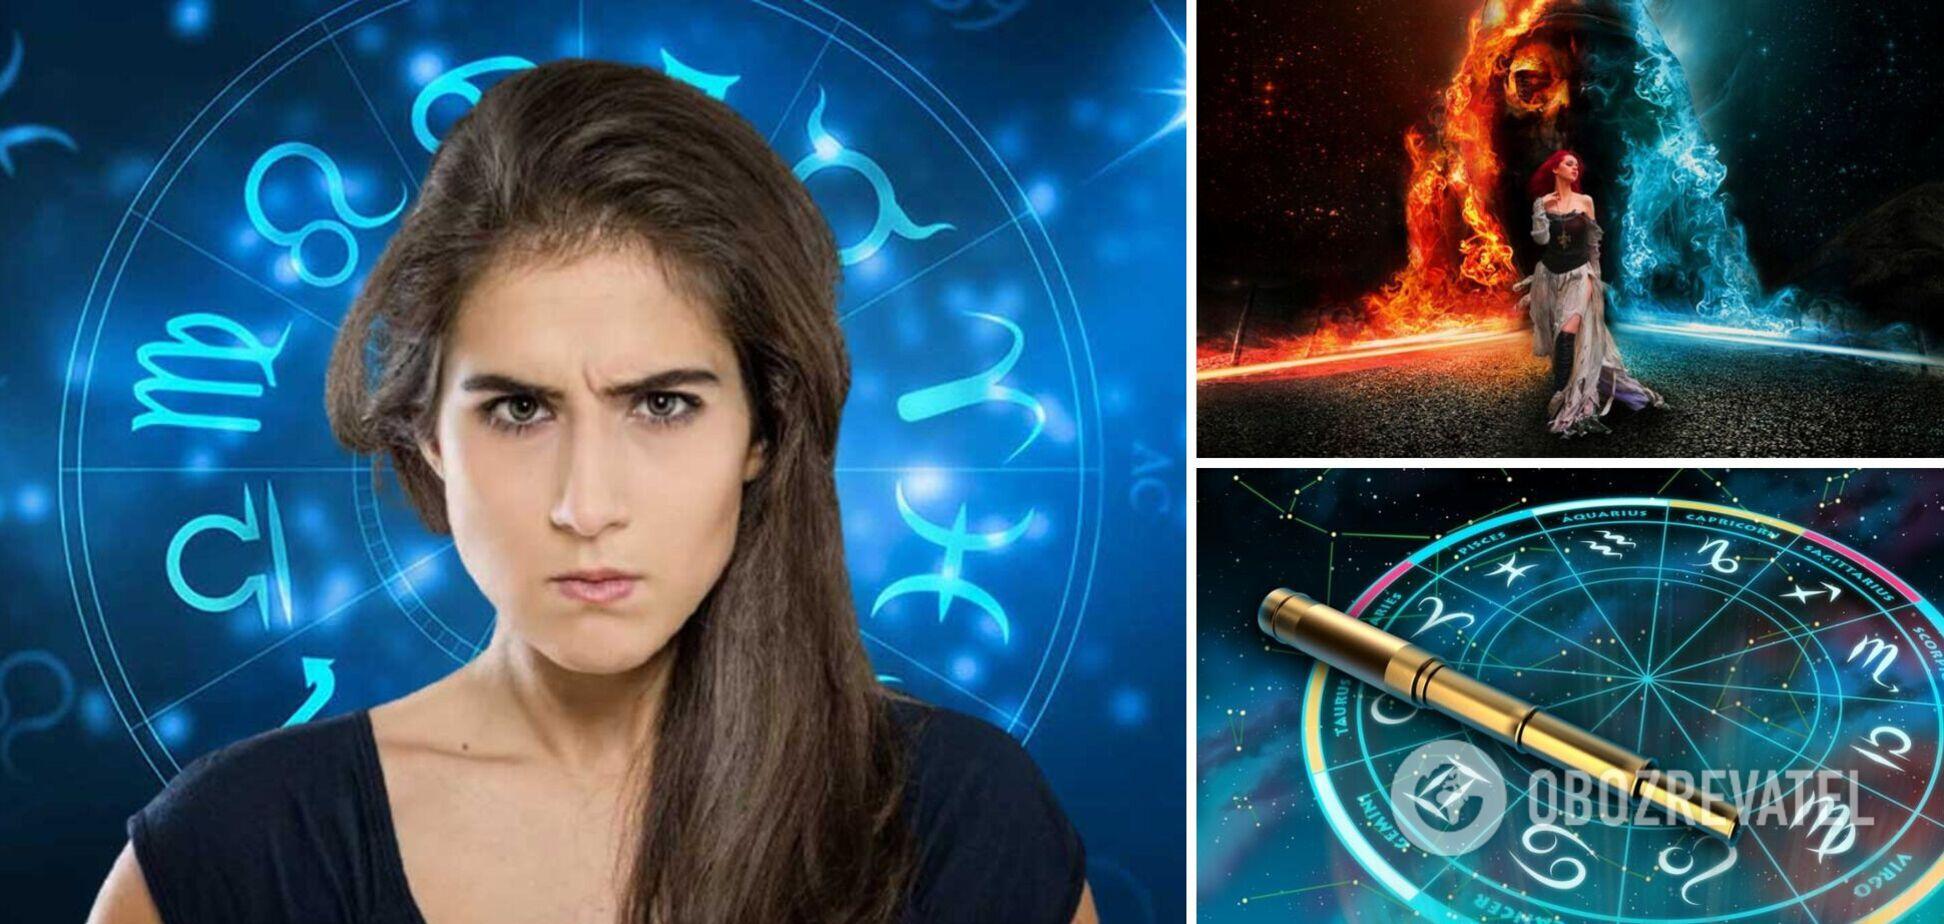 Самые мстительные знаки зодиака: астрологи рассказали, кто готов на все